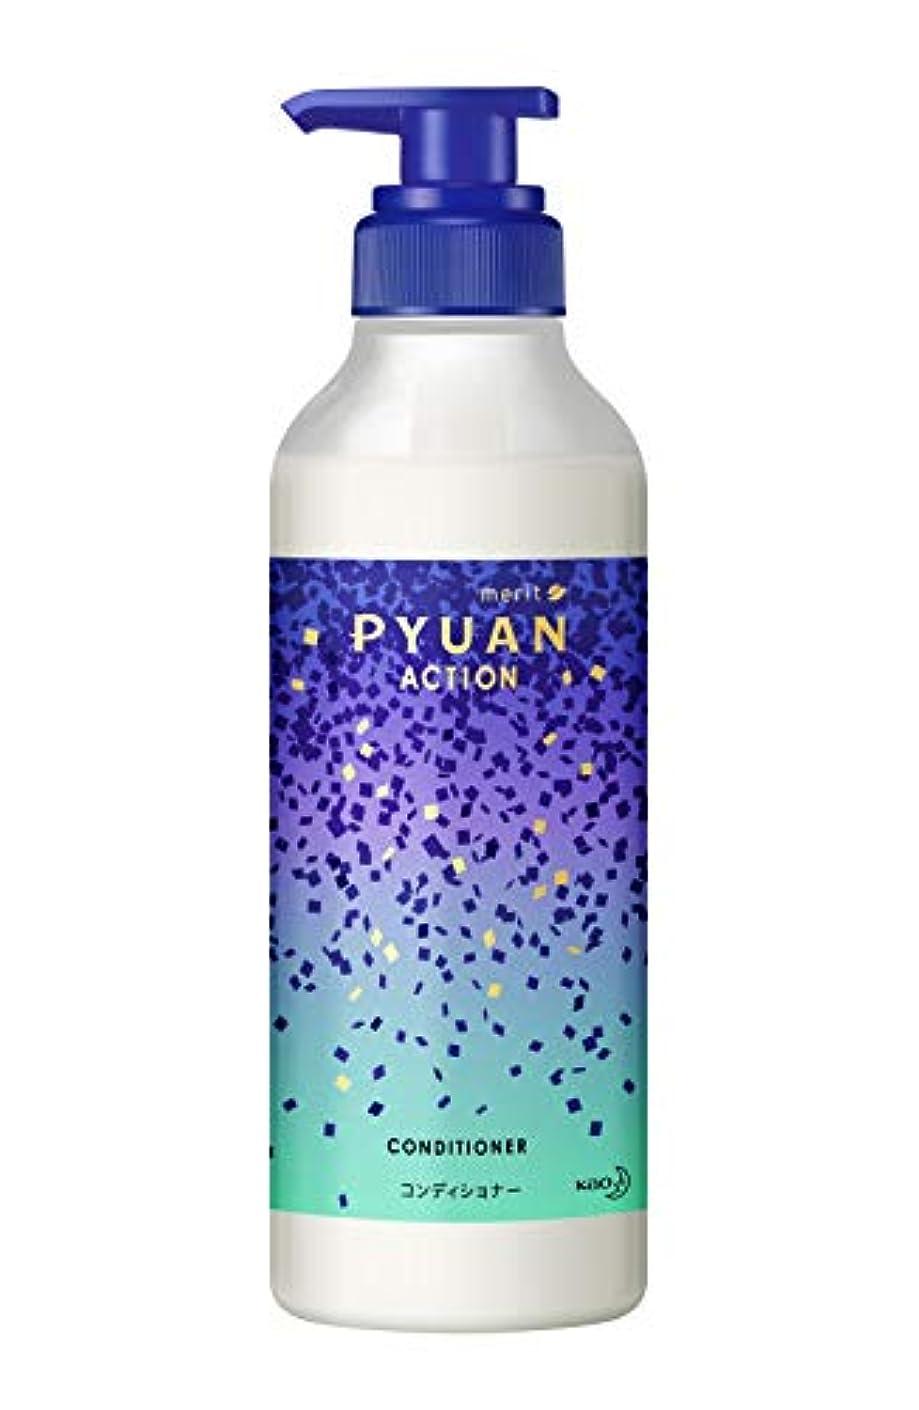 割れ目買い物に行く子PYUAN(ピュアン) メリットピュアン アクション (Action) シトラス&サンフラワーの香り コンディショナー ポンプ 425ml Dream Ami コラボ